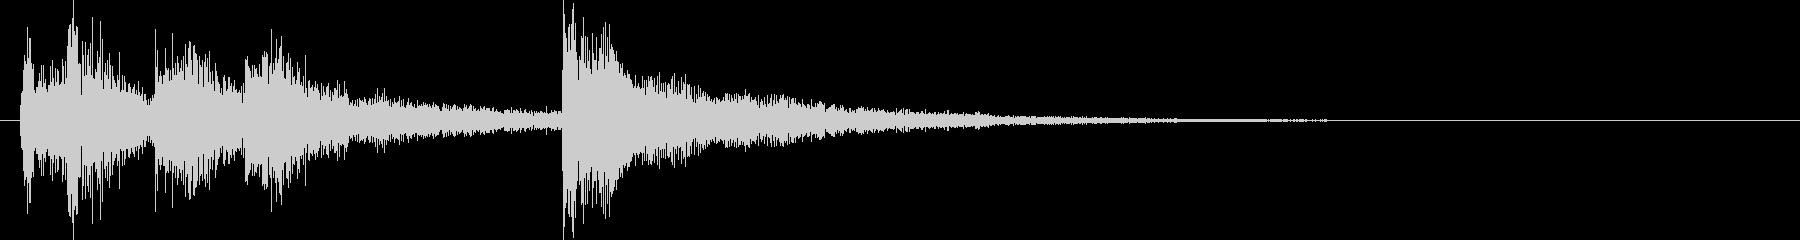 和風クリック音ゲームオーバージングルの未再生の波形